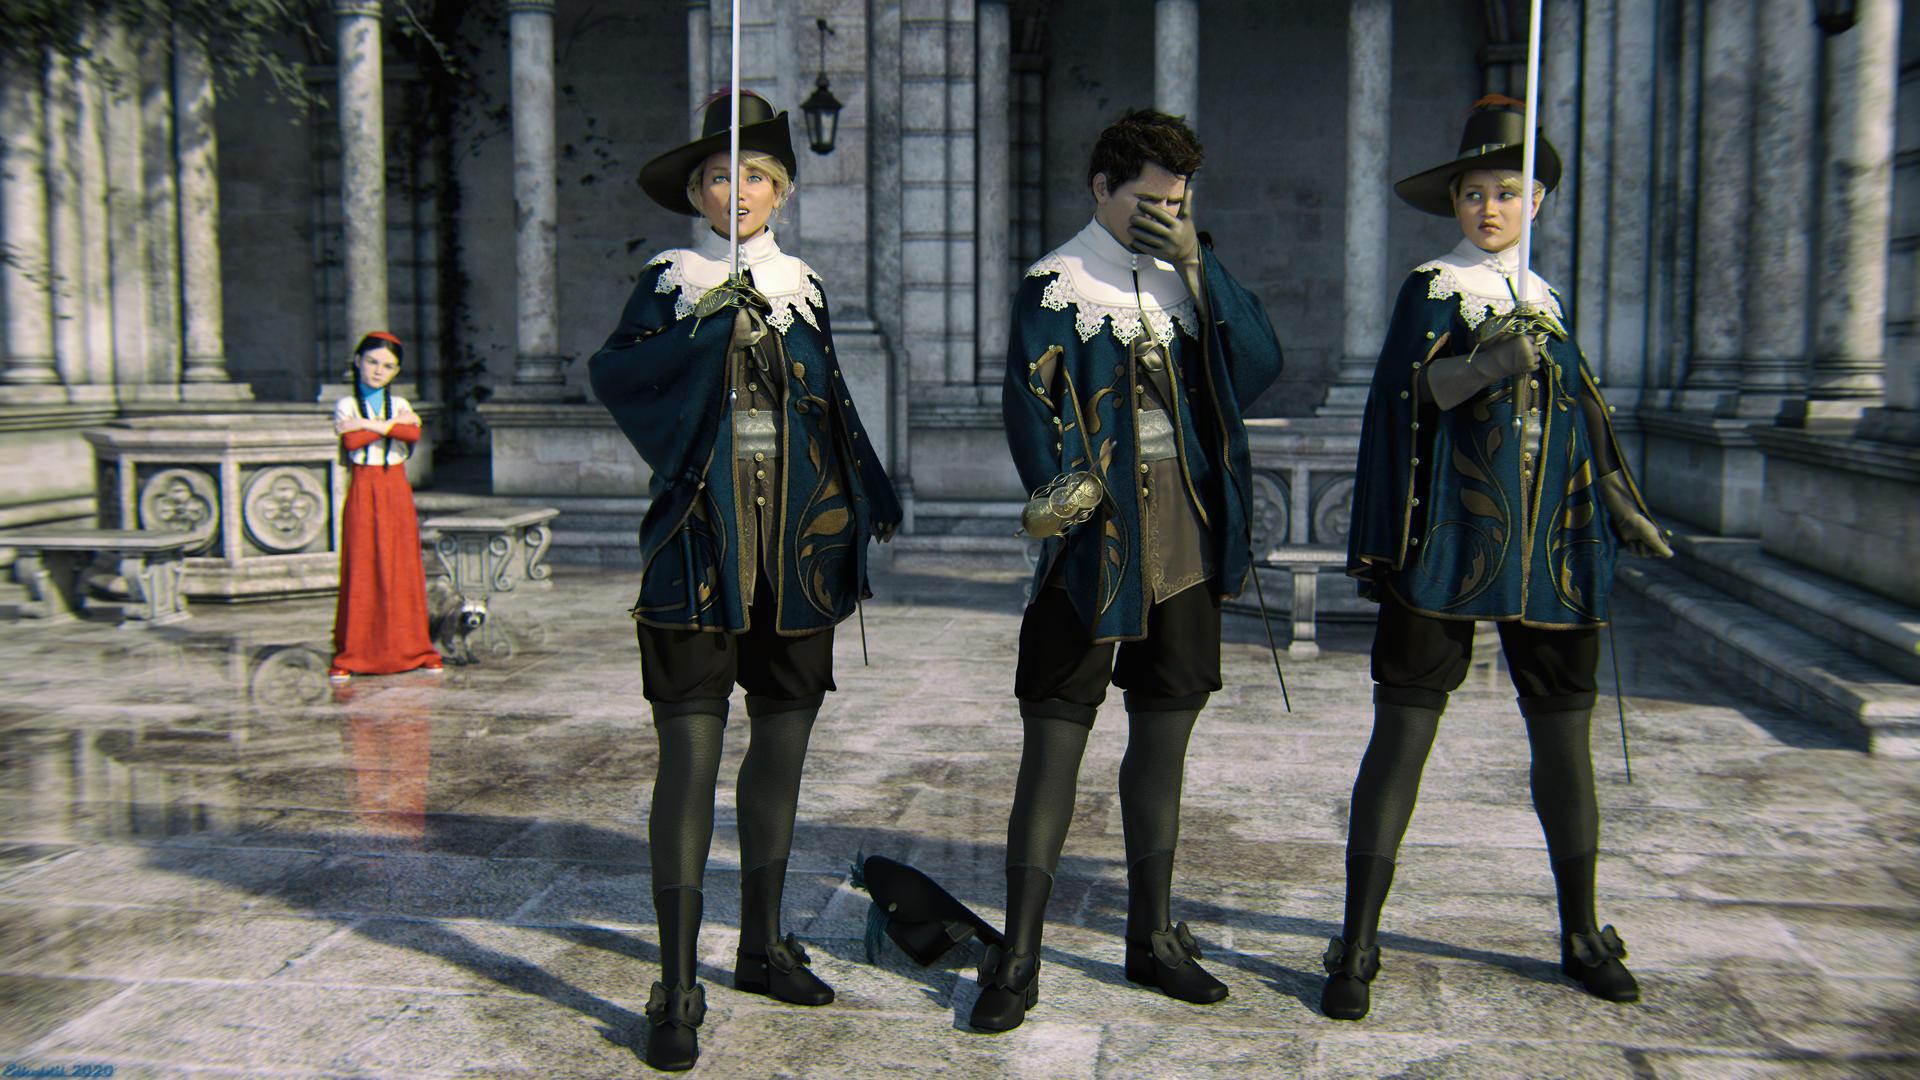 Athos, Porthos, and ... do'h!